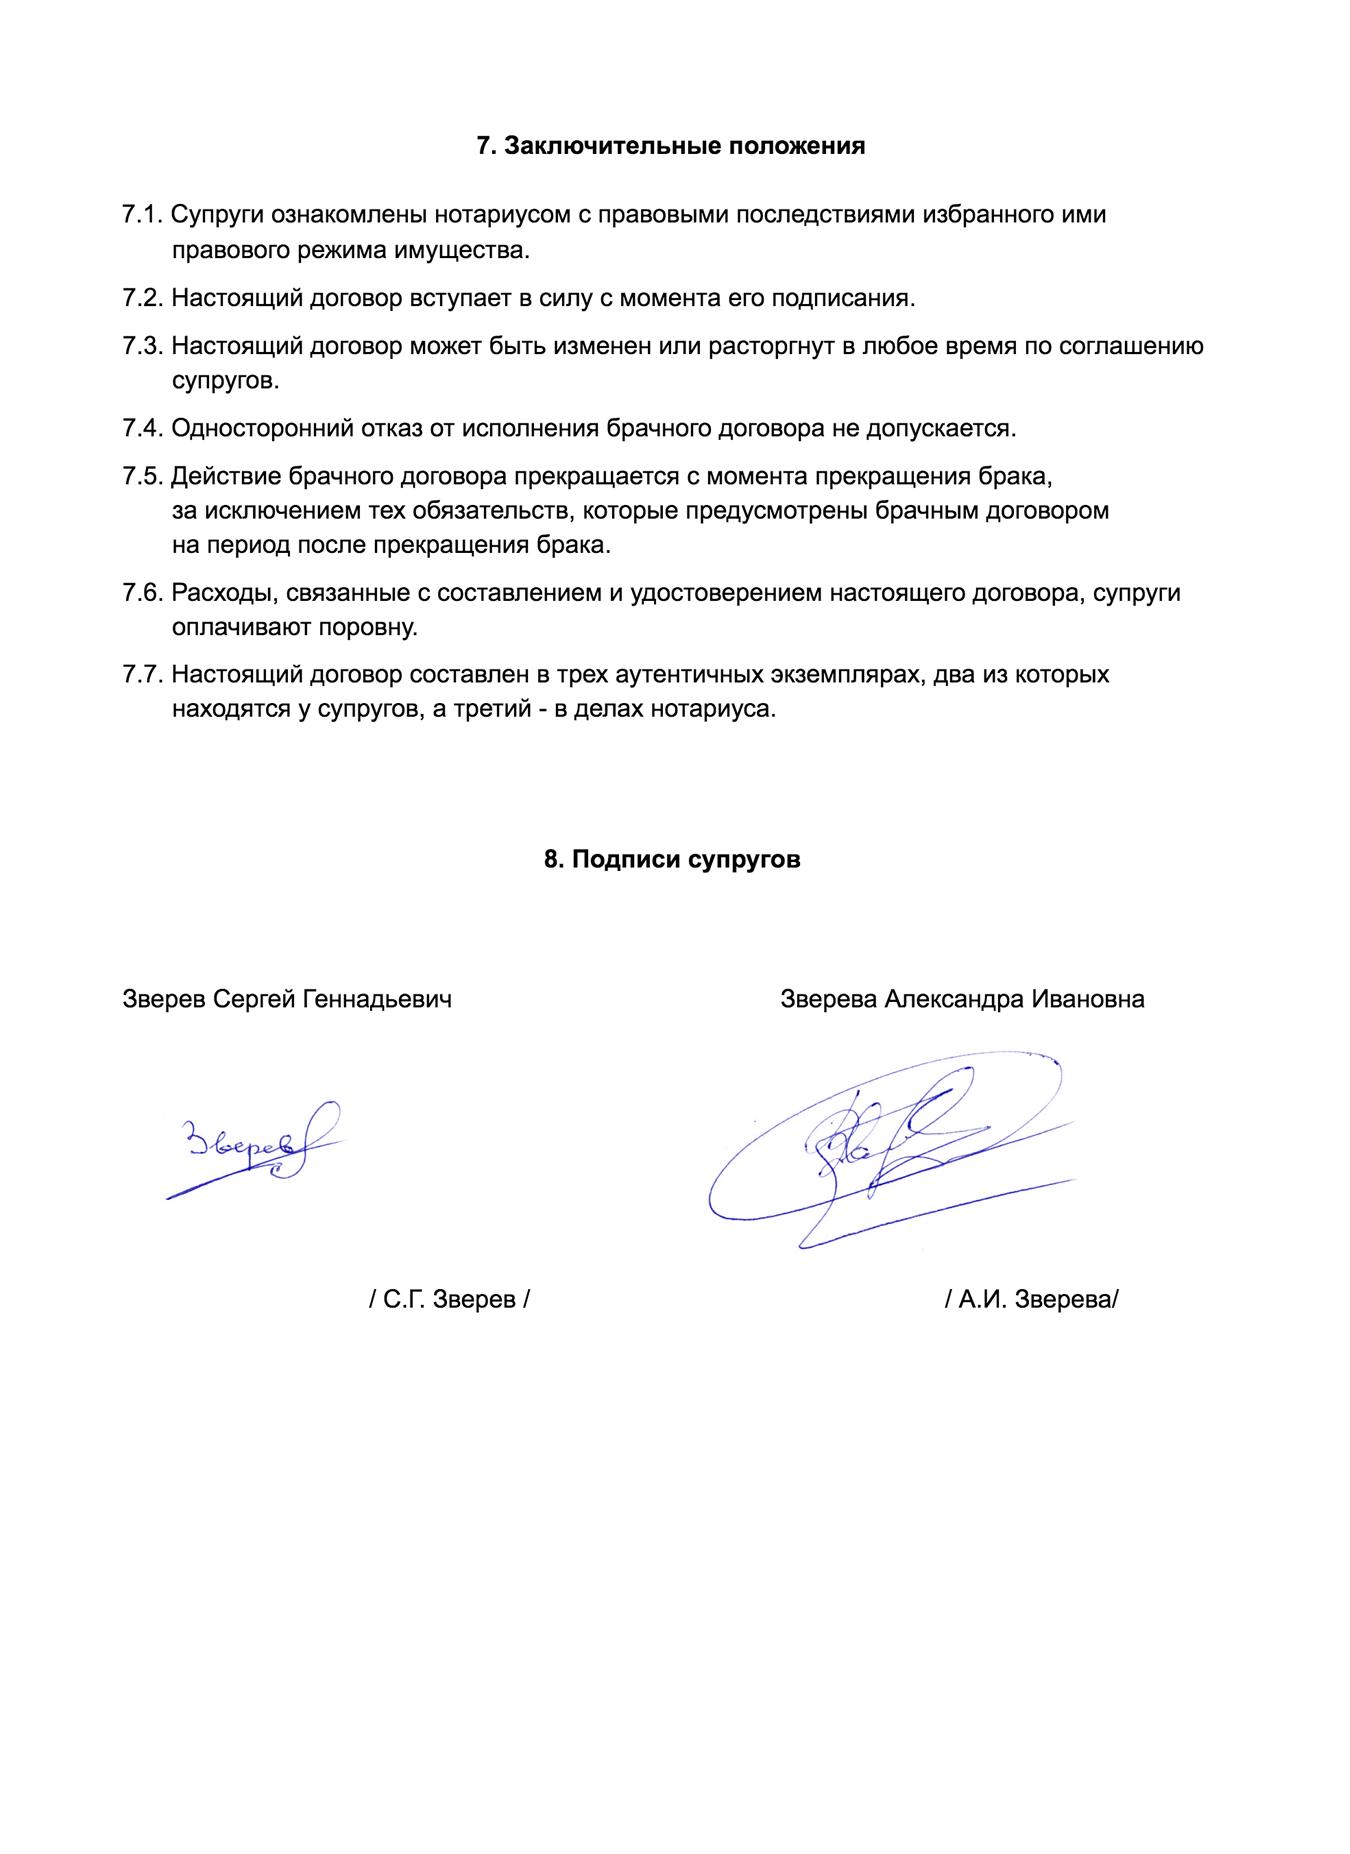 Документ брачный договор